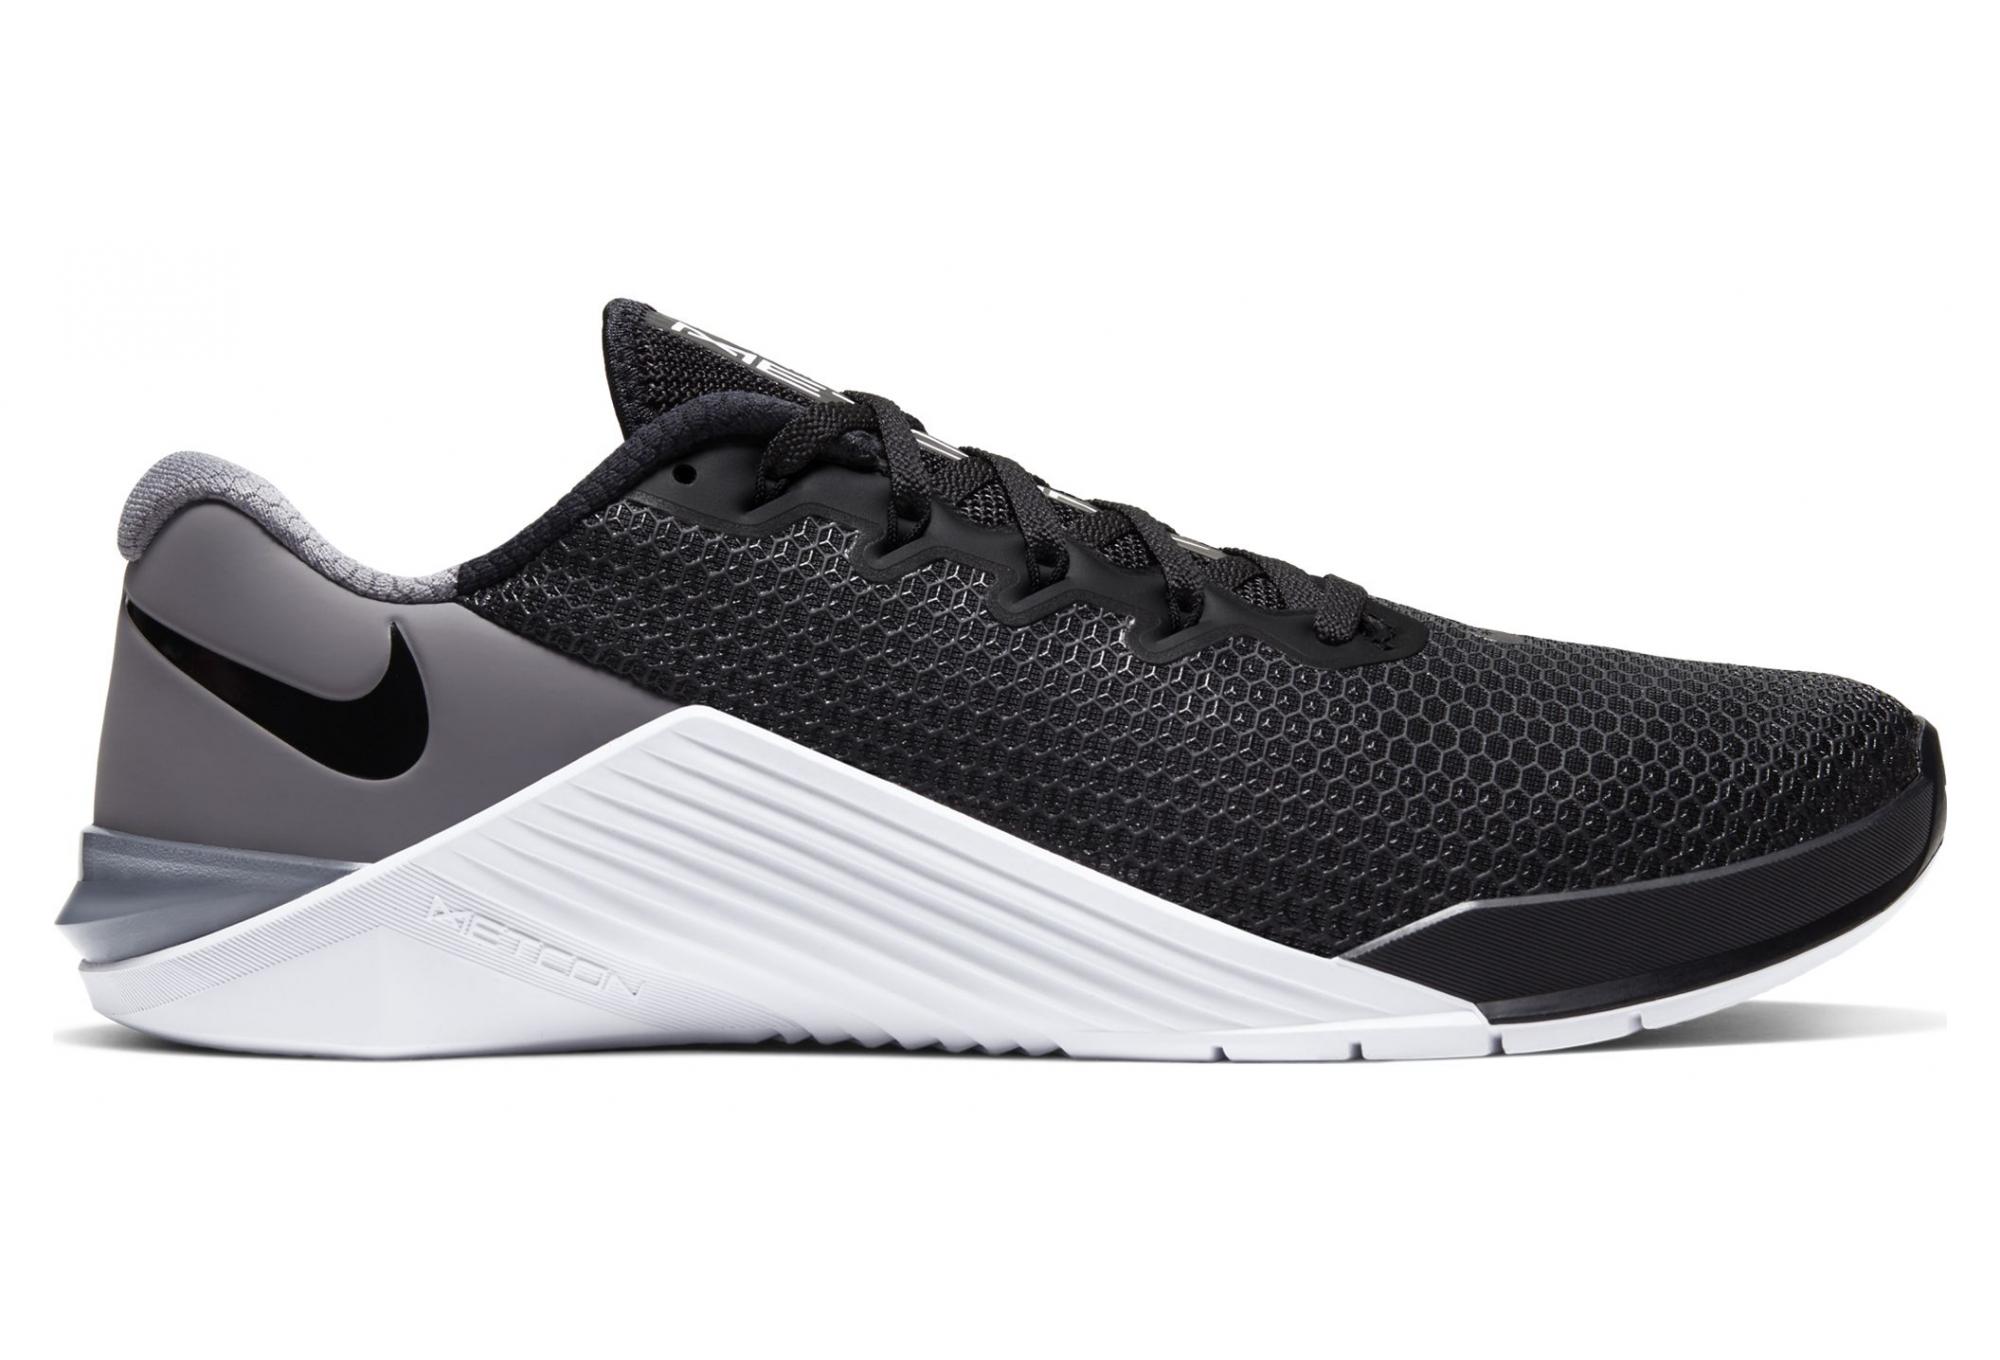 Nike Metcon 5 Black White Gum Men